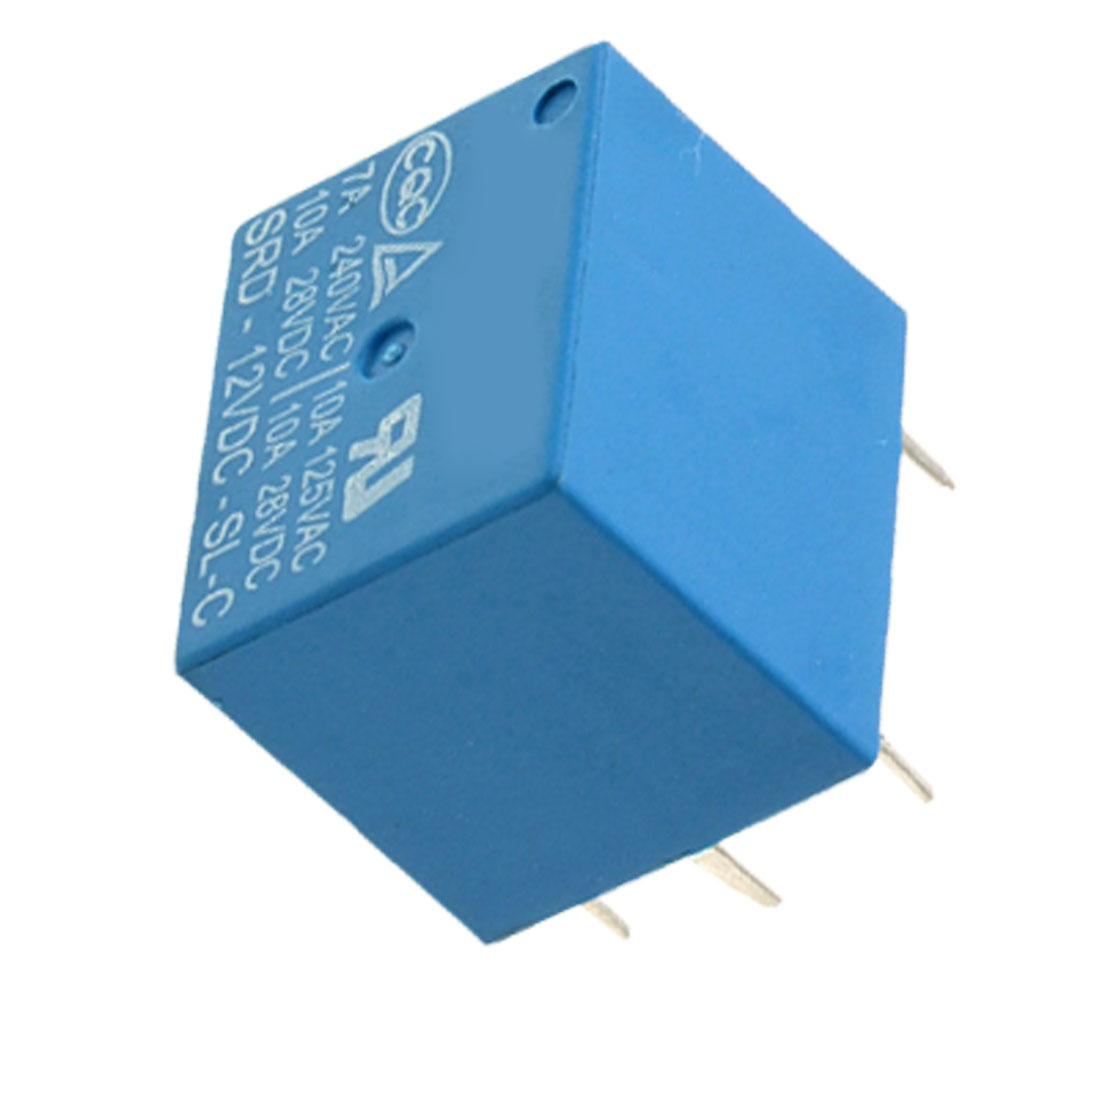 DC 12V SPDT 5 Pin Power Relay Blue SRD-12VDC-SL-C SONGLE